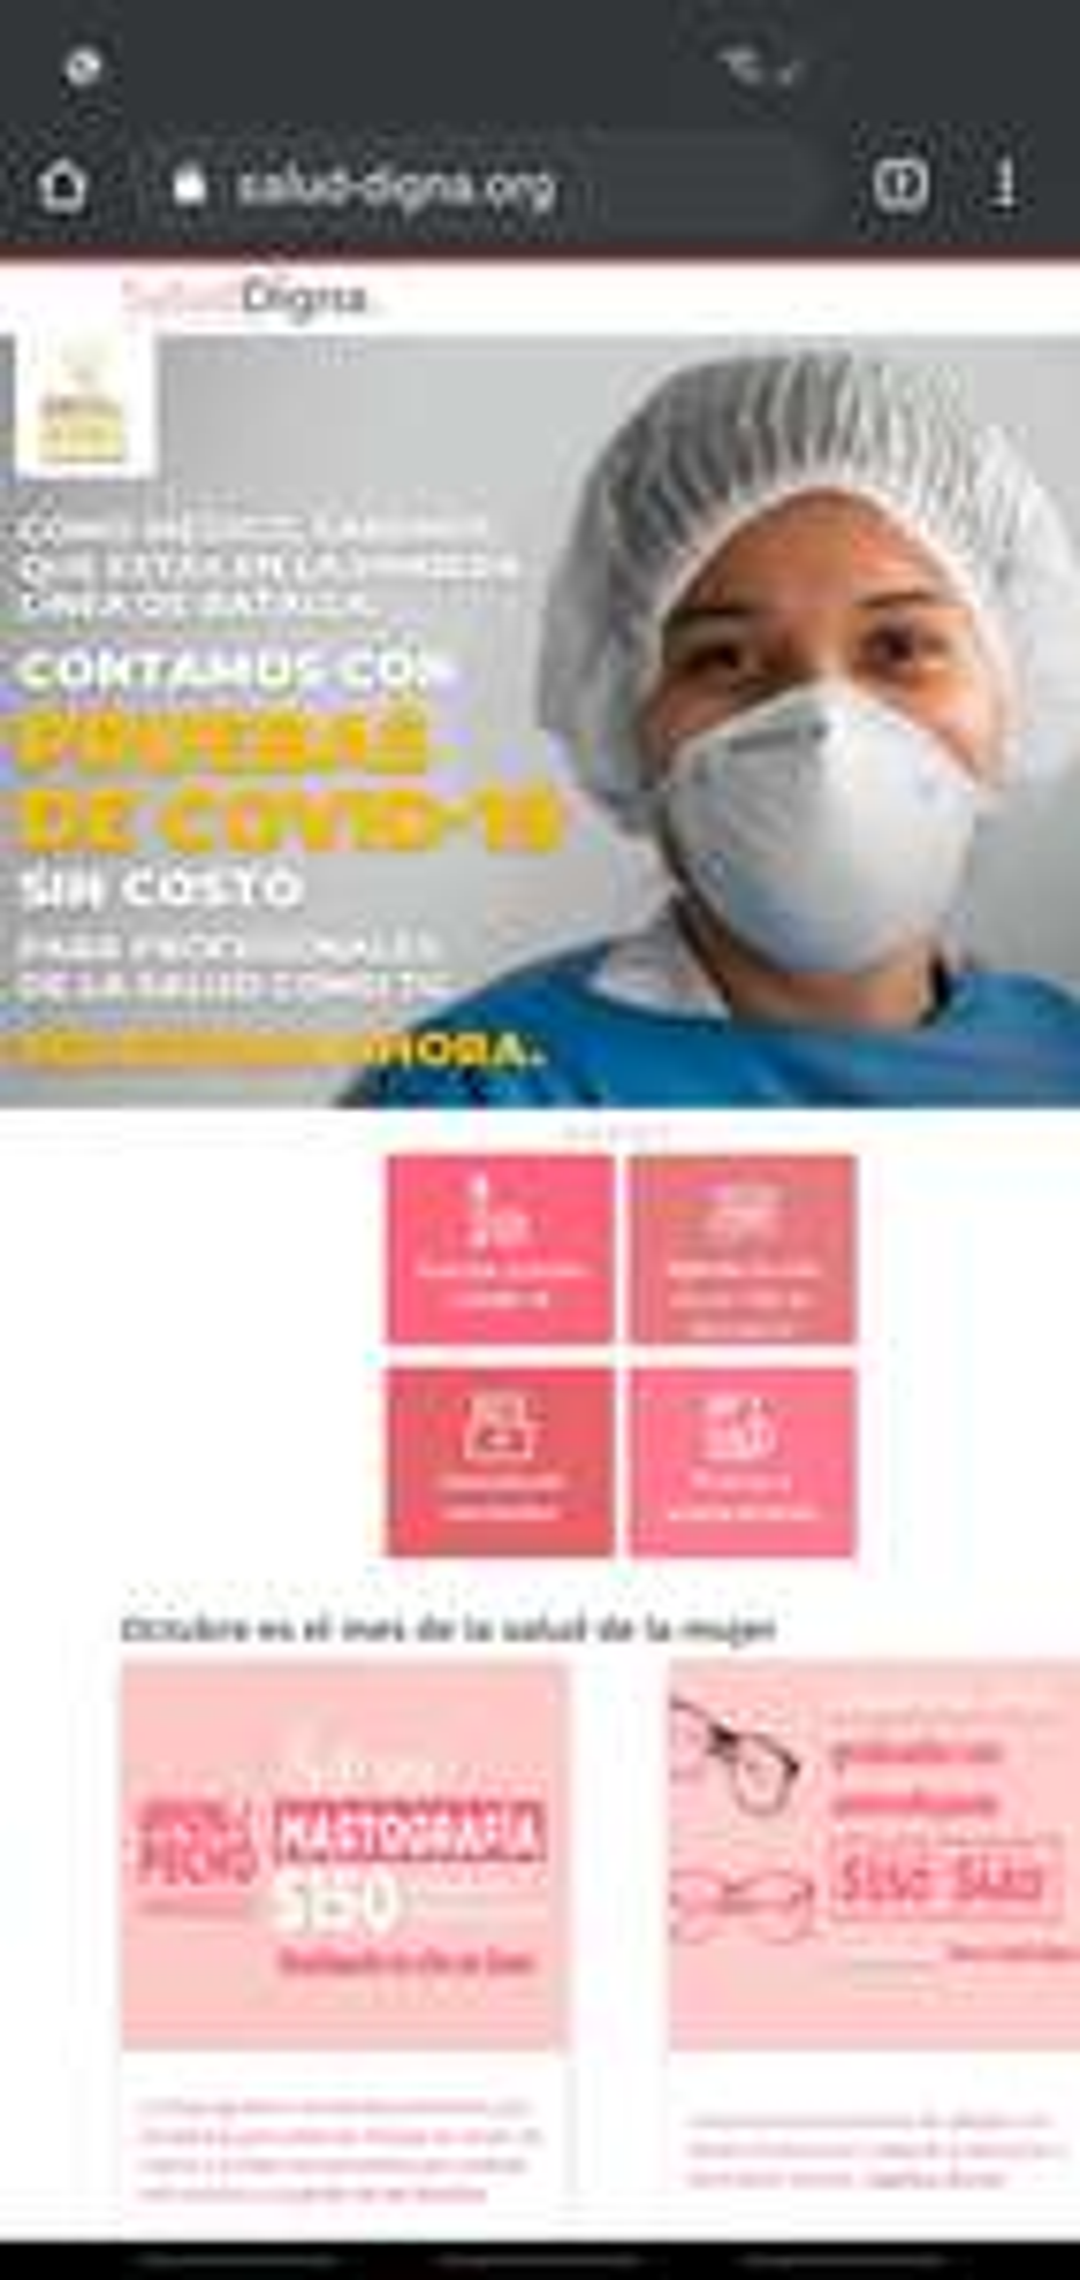 Salud Digna - prueba COVID gratis a personal medico